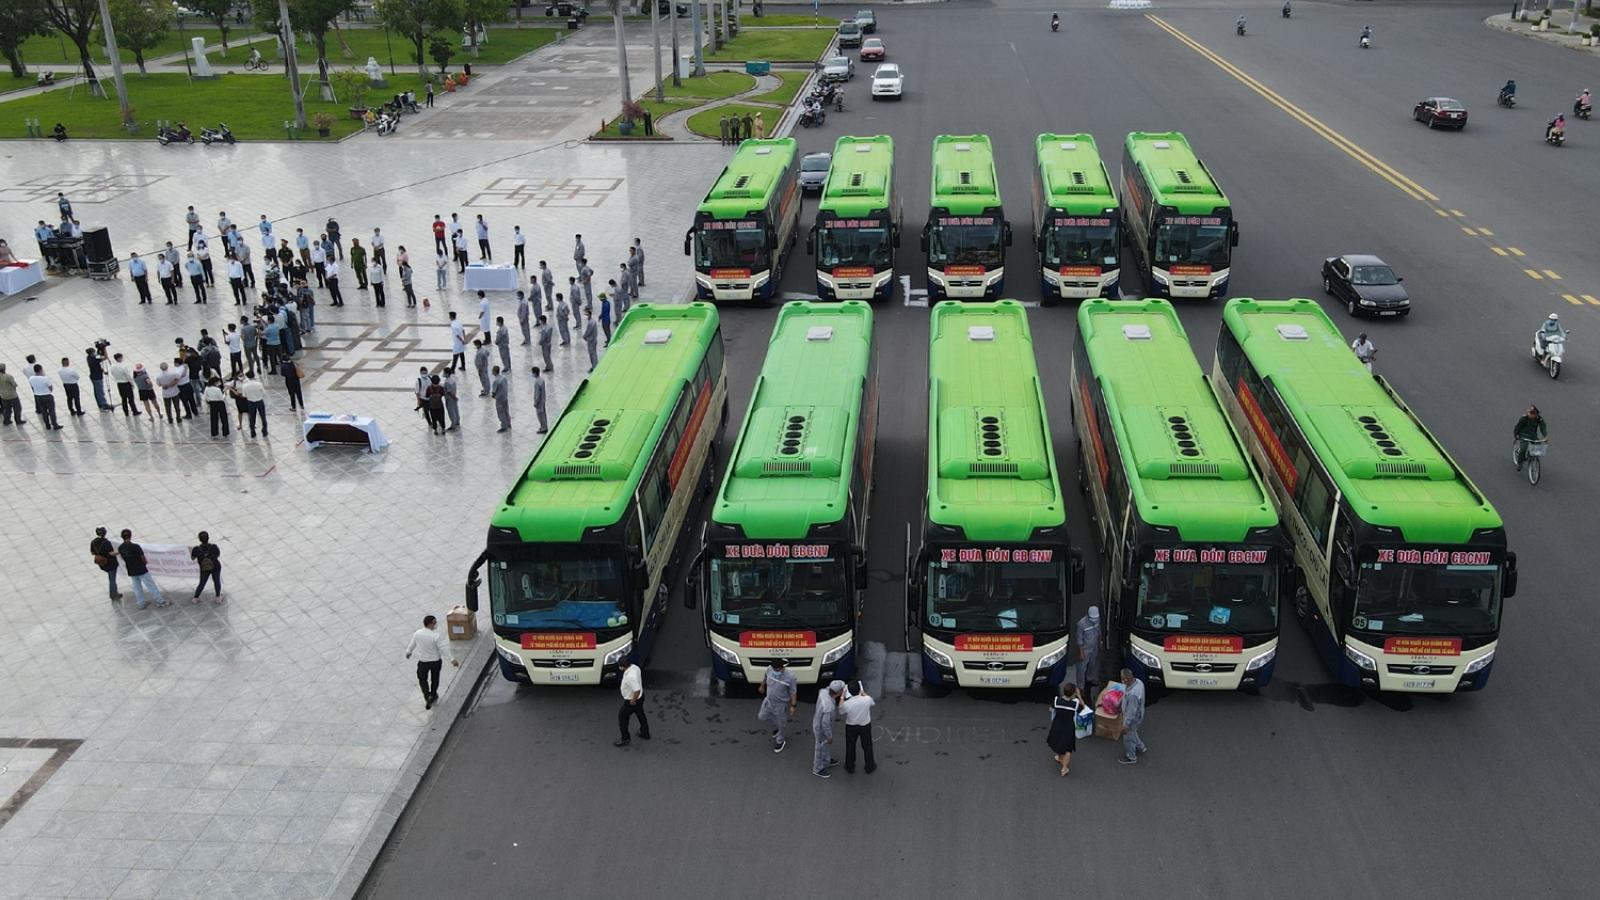 Quảng Nam: 10 xe ô tô xuất phát vào thành phố Hồ Chí Minh đón người dân